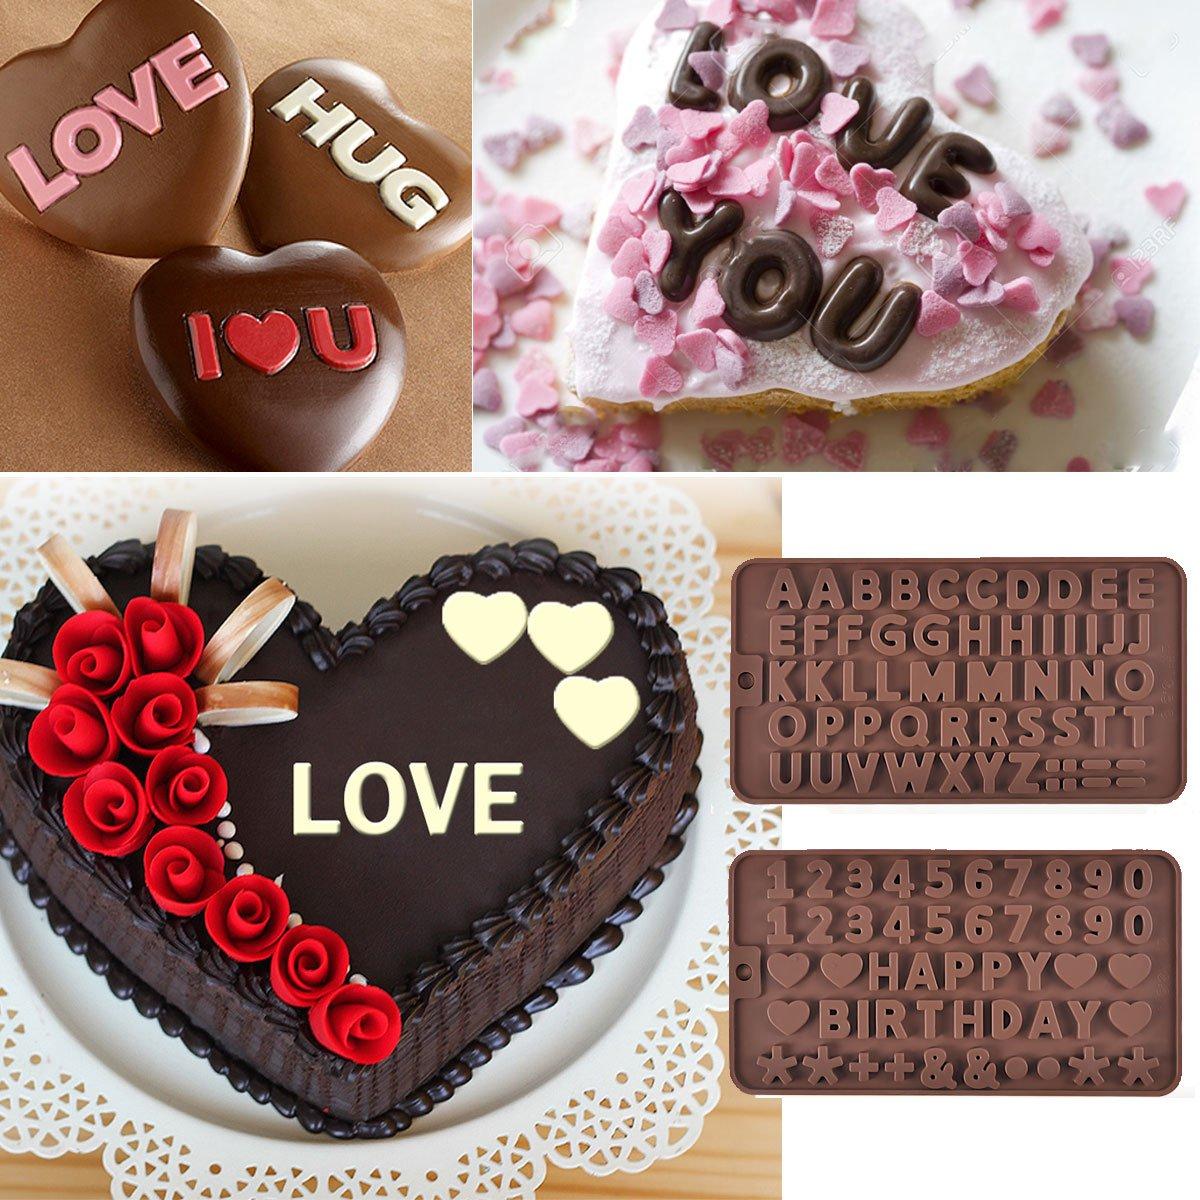 prokitchen silicona carta número molde para hornear chocolate fondant decoración de pasteles conjunto de 2 de color marrón: Amazon.es: Hogar